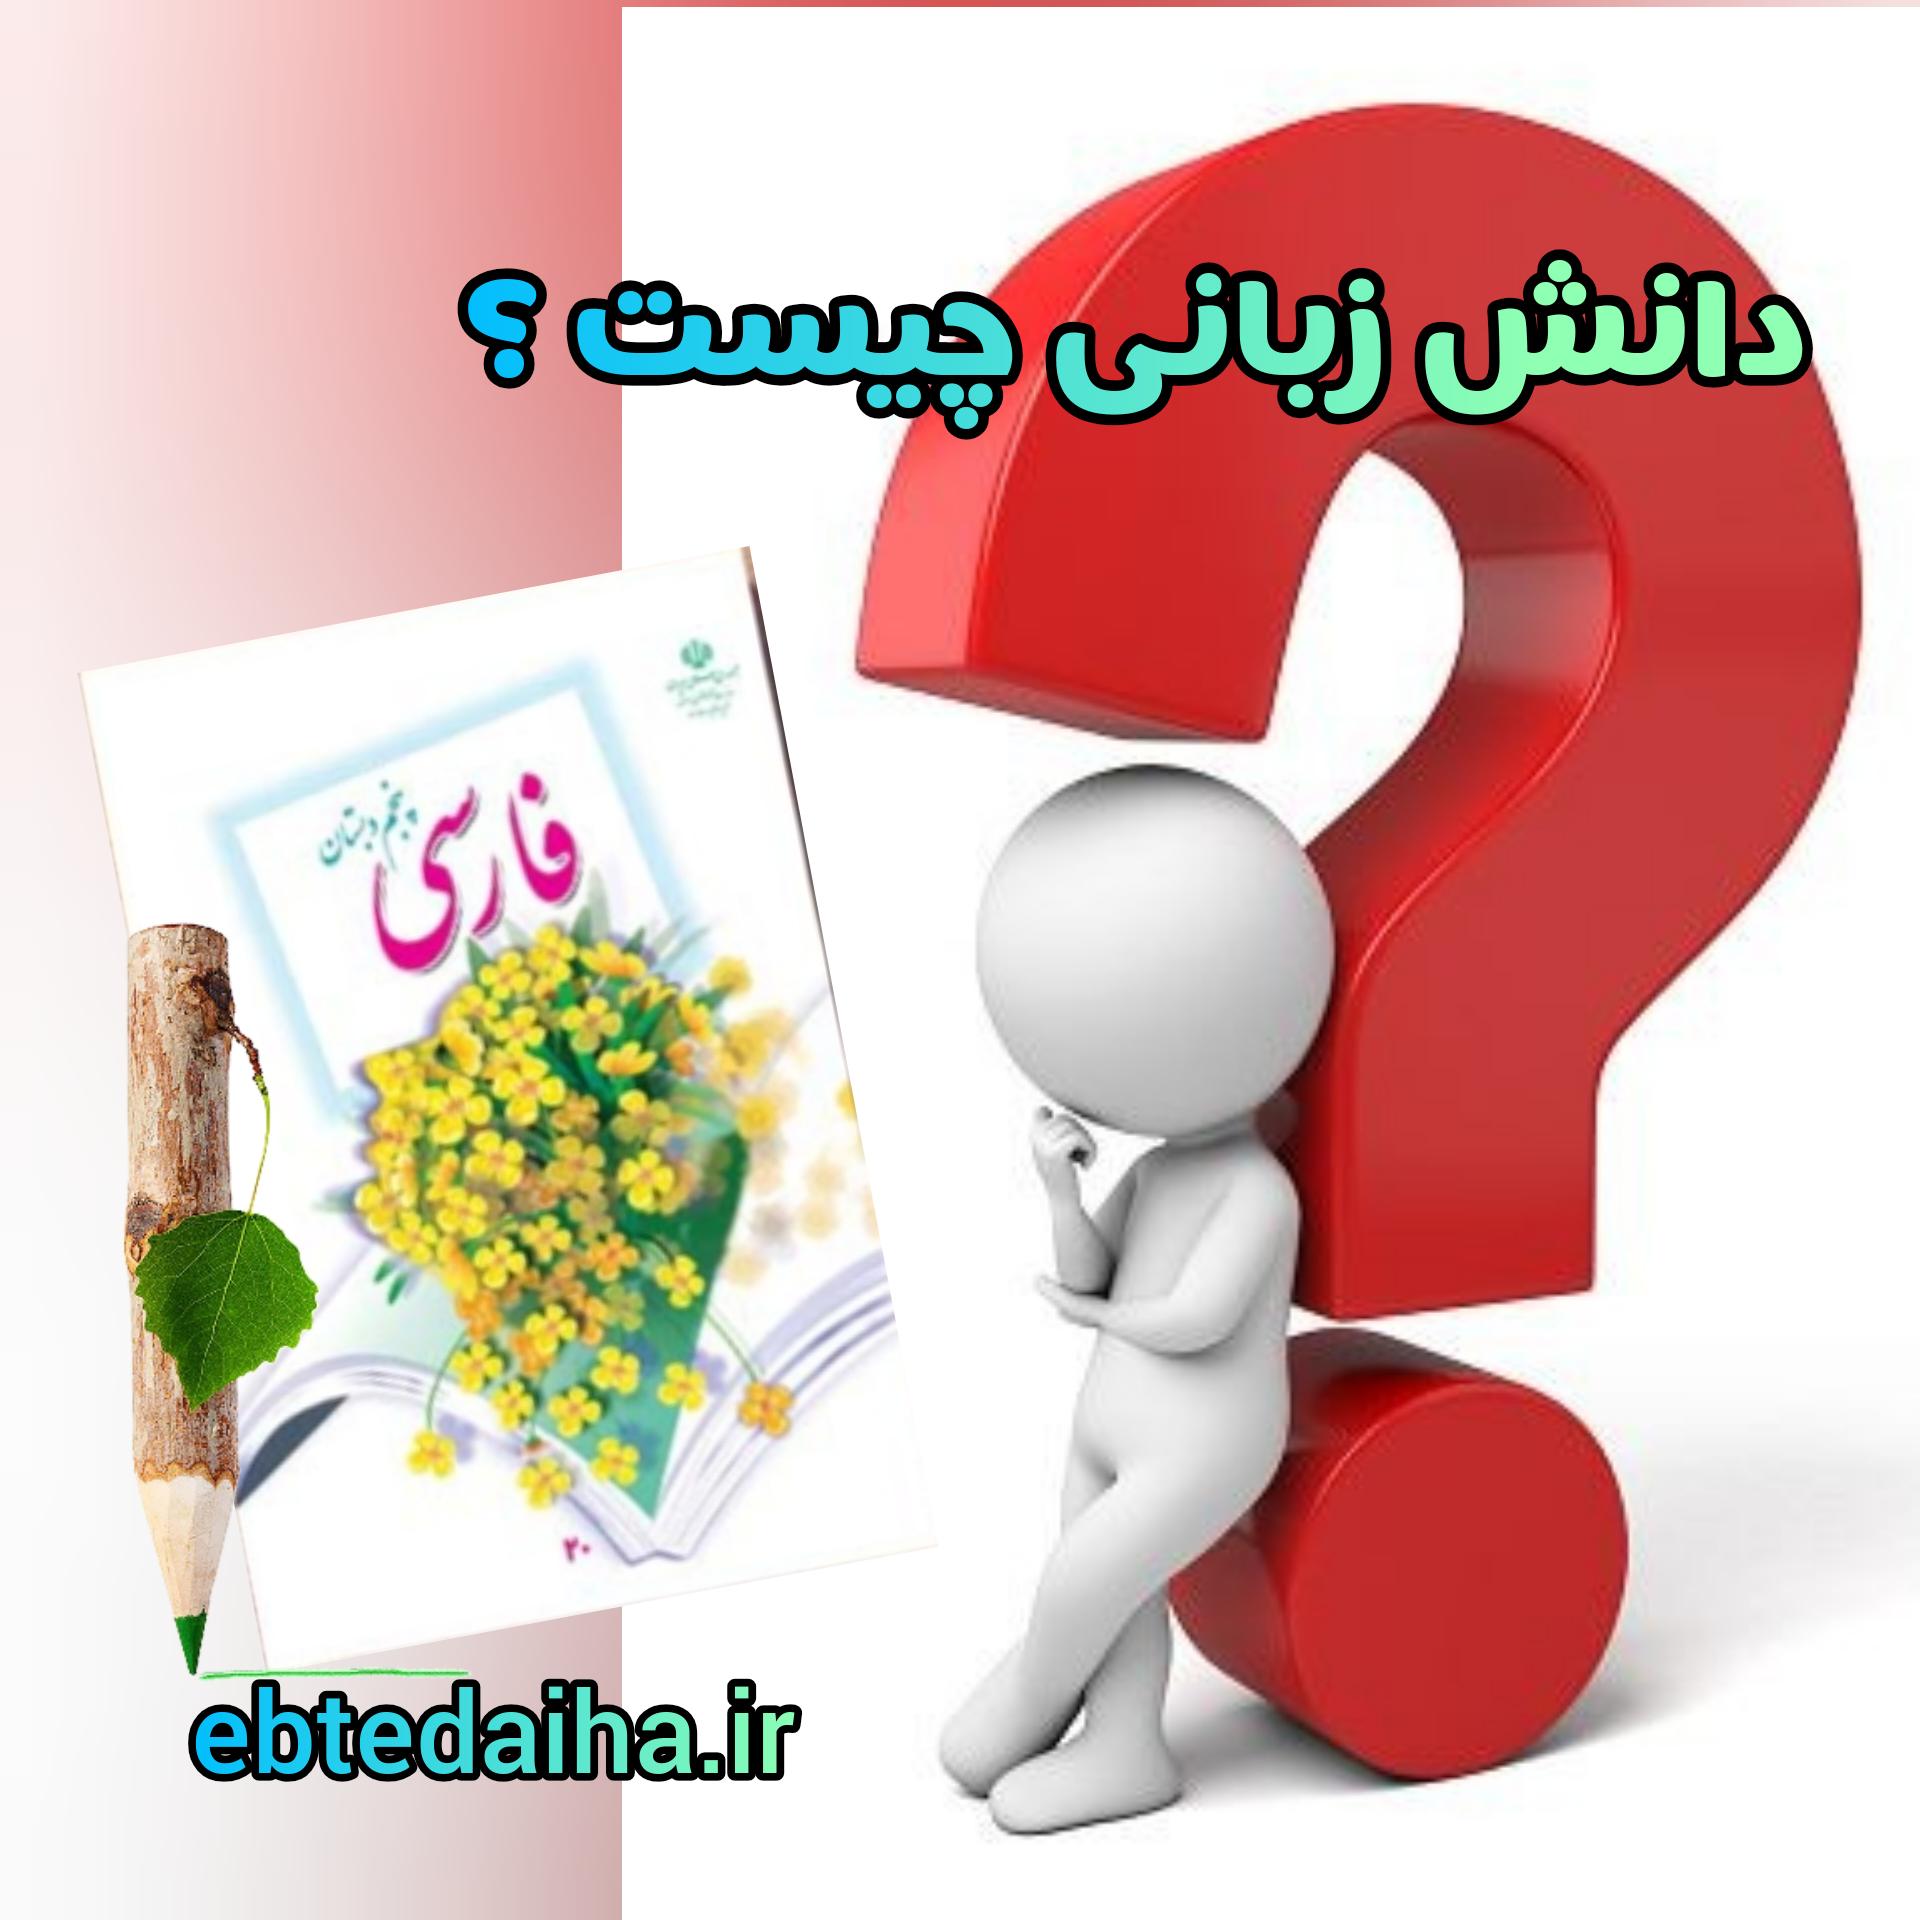 نکات مهم دانش زبانی درس به درس فارسی پایه پنجم دبستان به صورت pdf